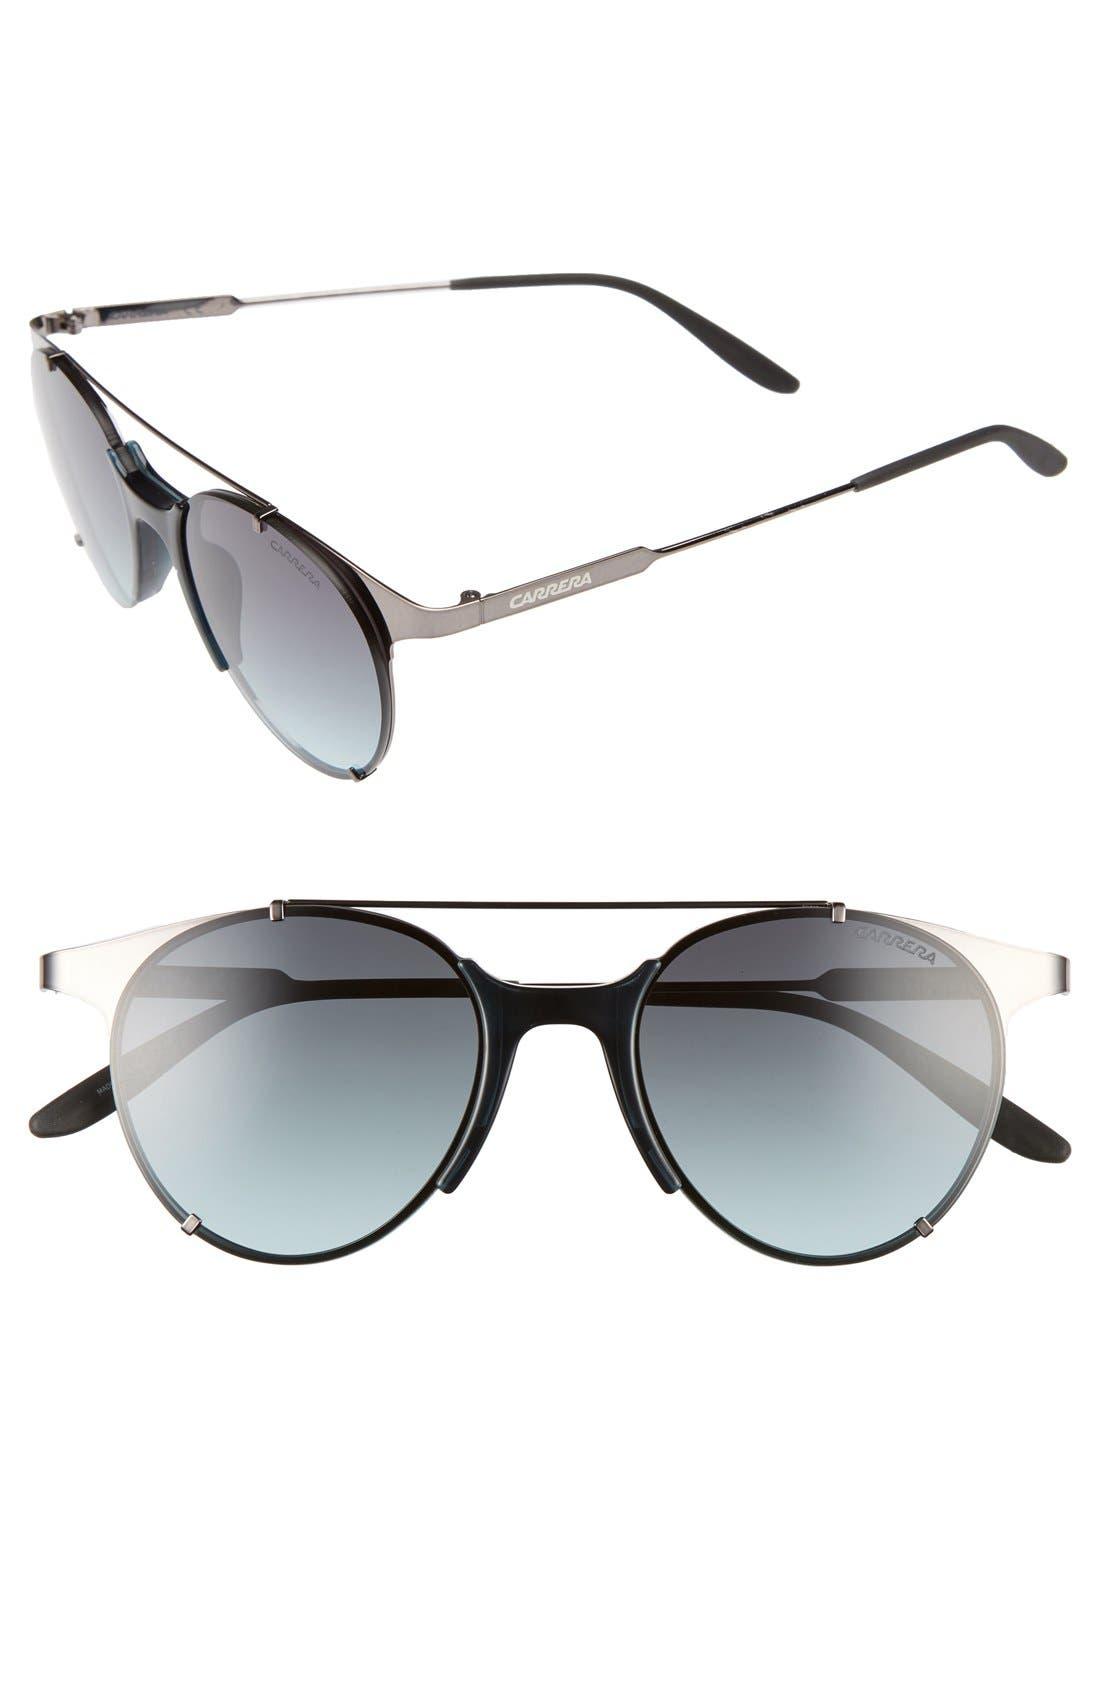 Main Image - Carrera Eyewear CA128/S 52mm Sunglasses